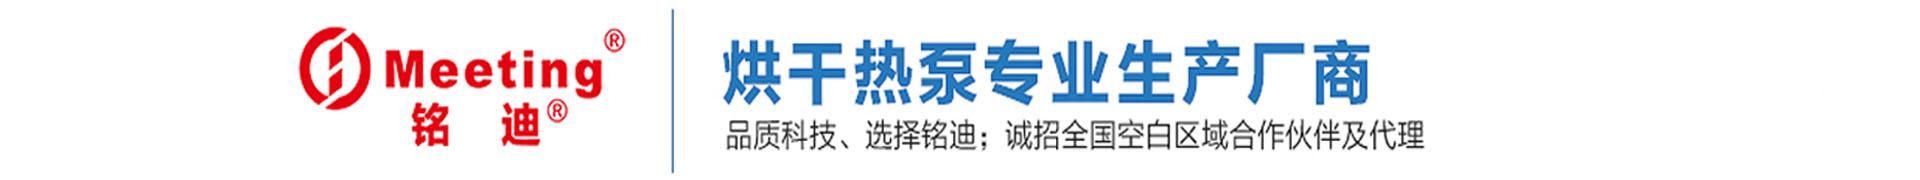 广州金抡电器有限公司